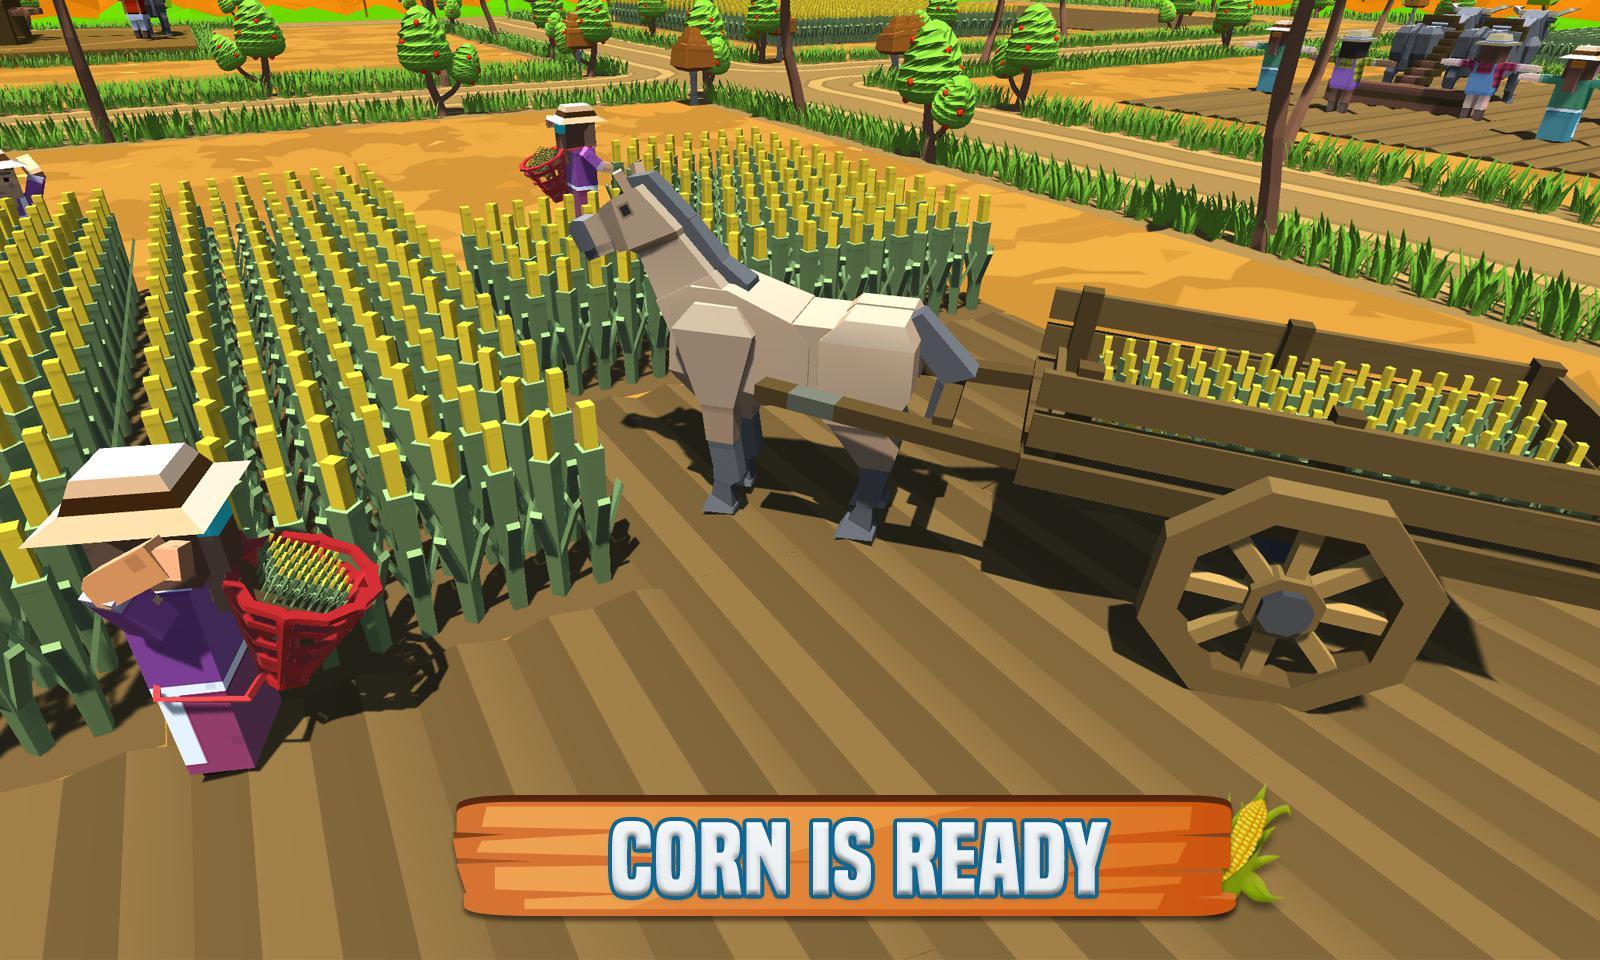 玉米农场专业:块状农民模拟器 游戏截图3